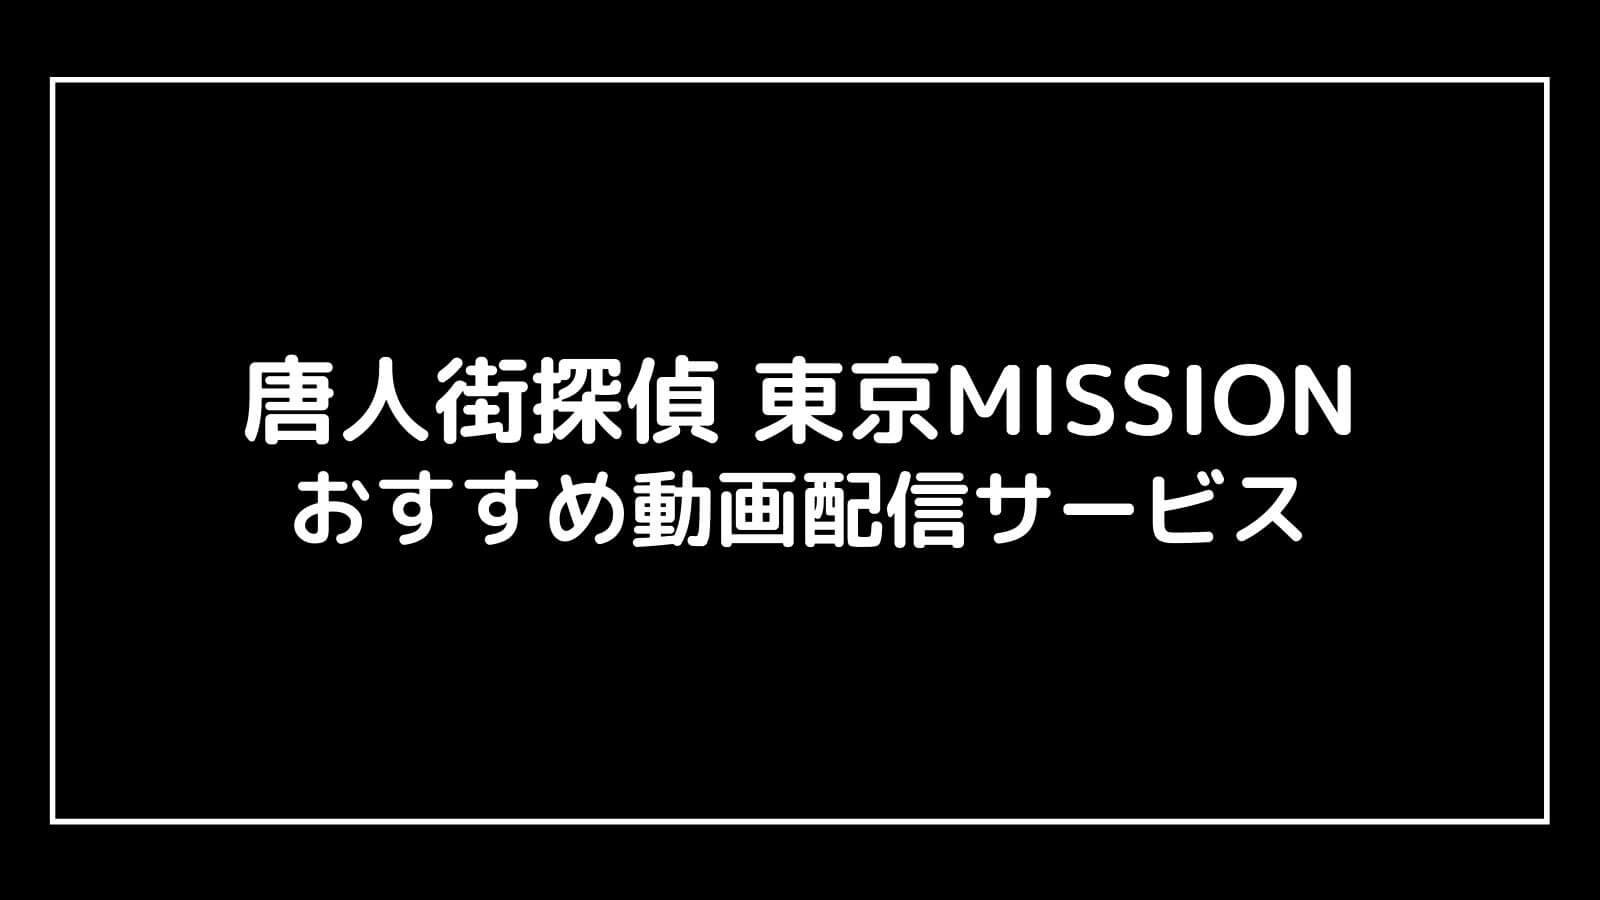 『唐人街探偵 東京MISSION』の無料映画配信を視聴できるおすすめ動画配信サイト